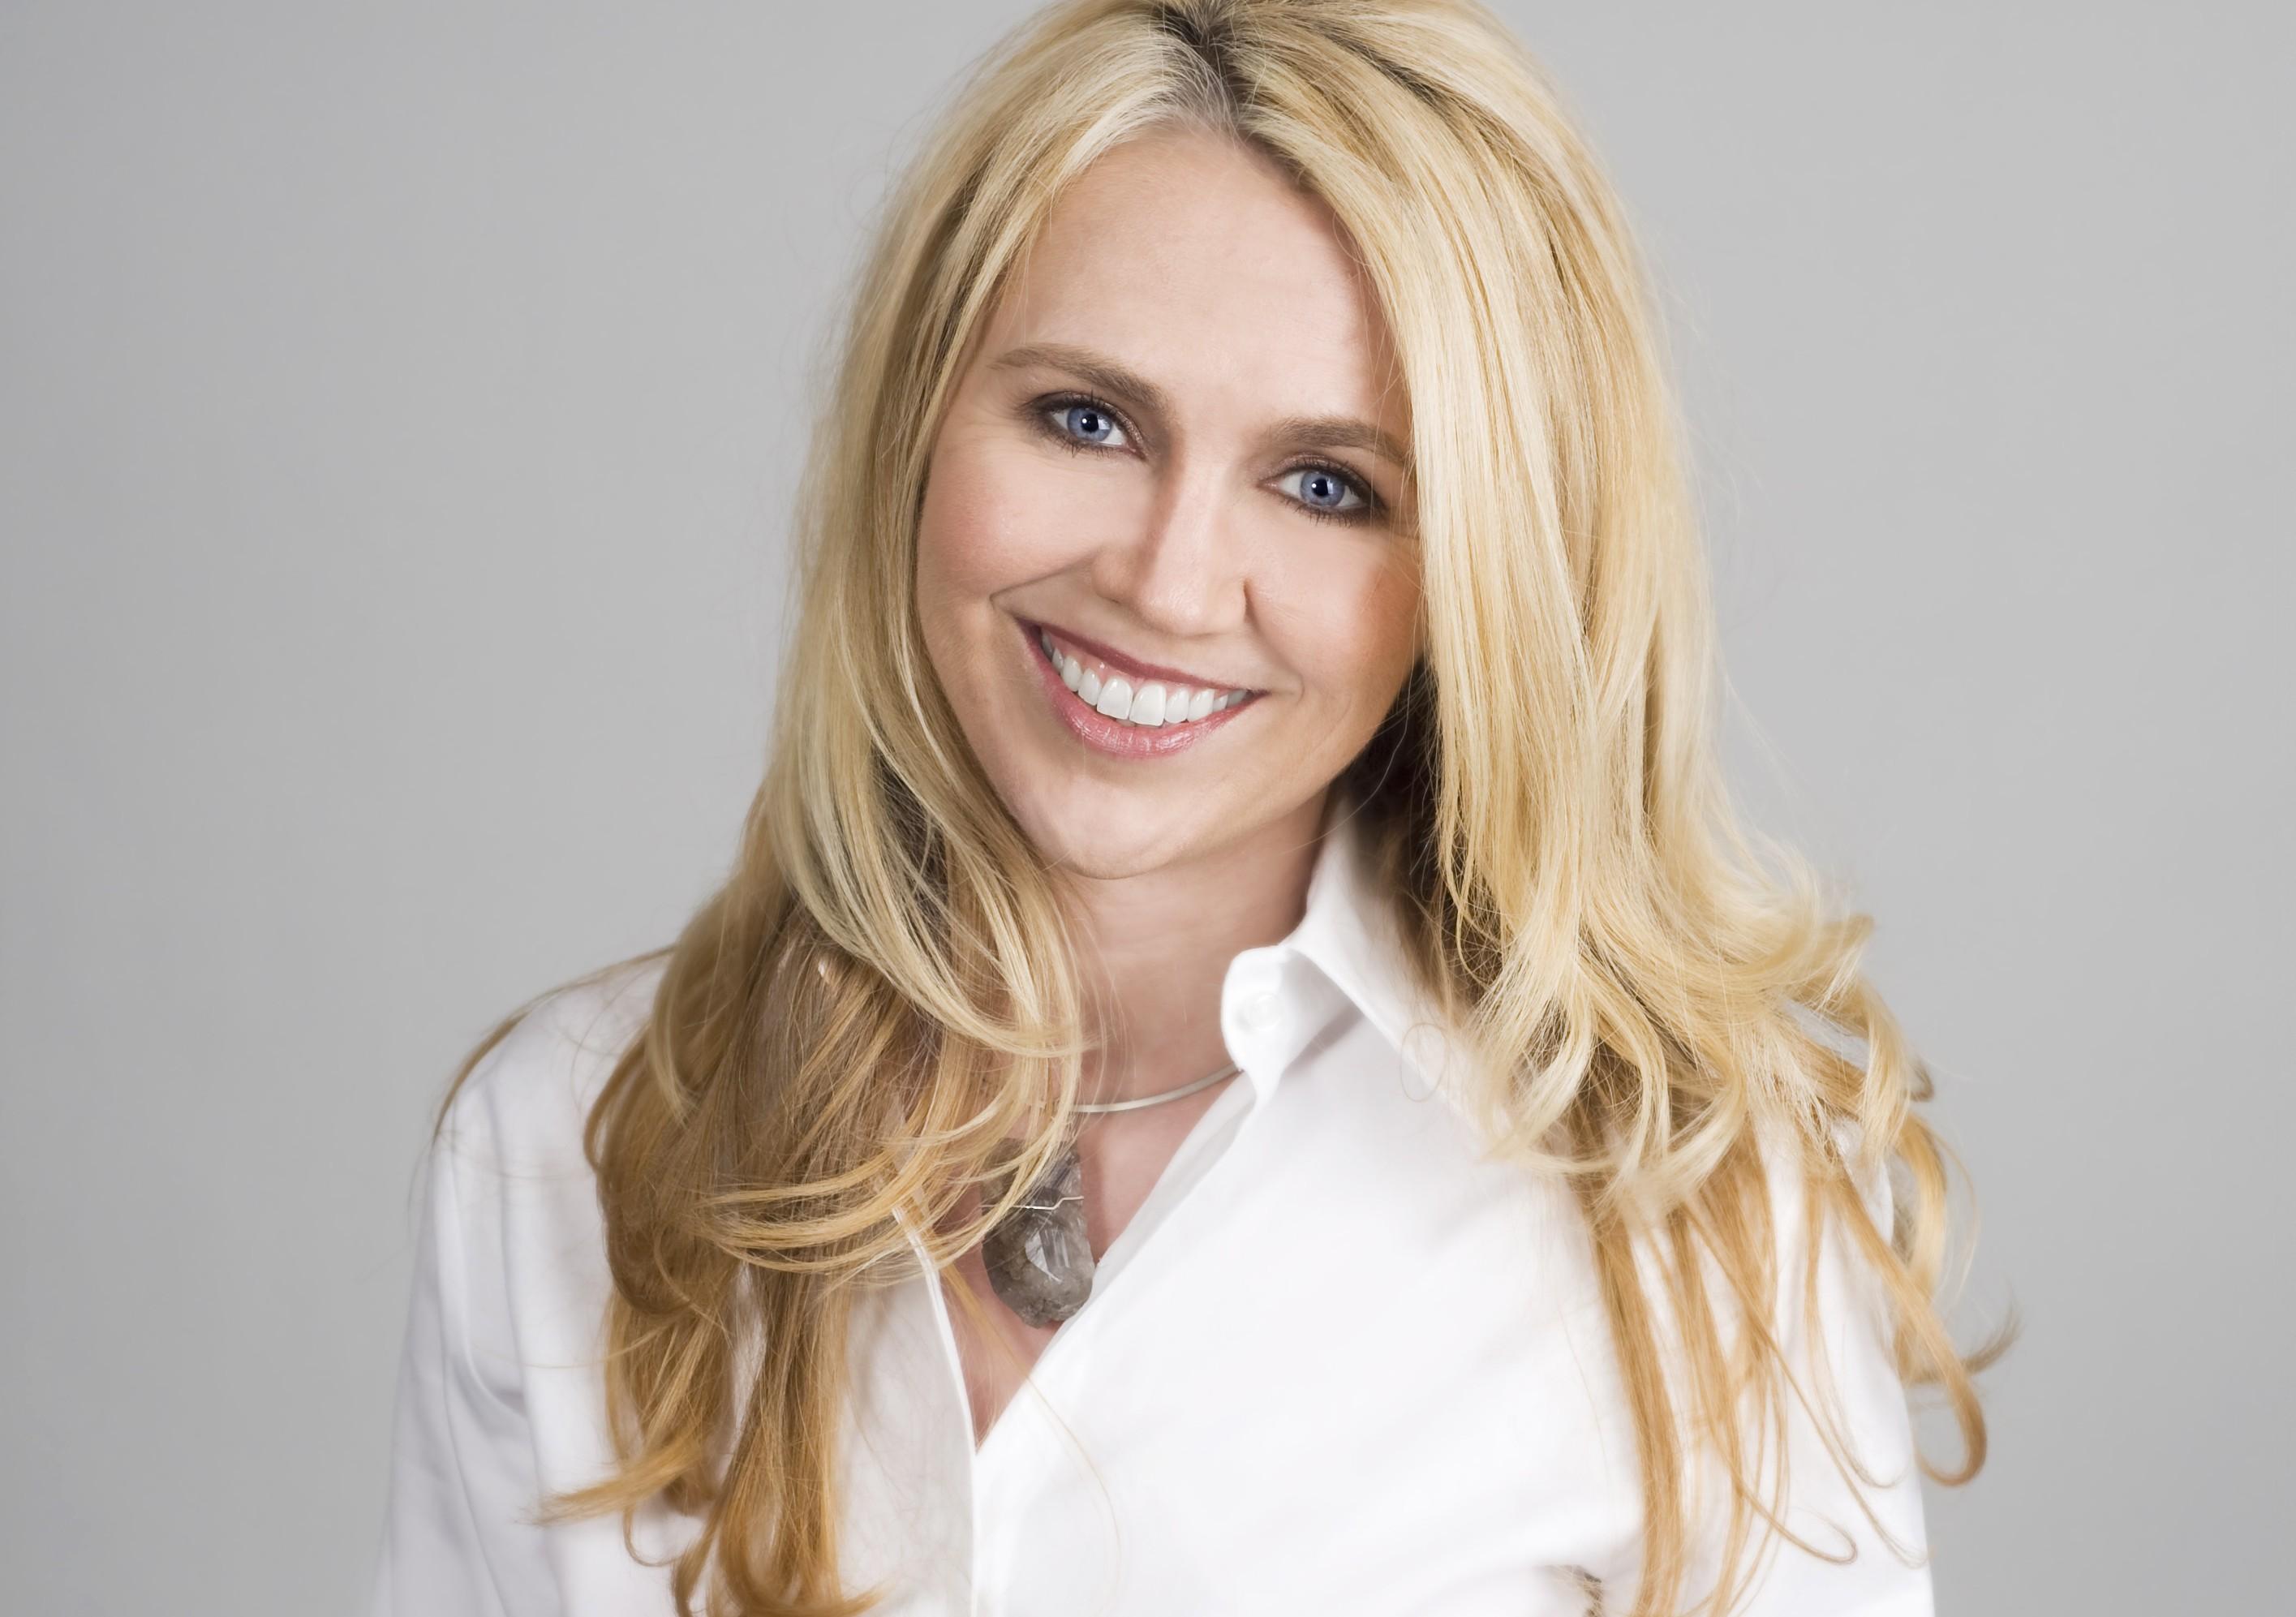 дневной деловой офисный макияж для блондинок фото